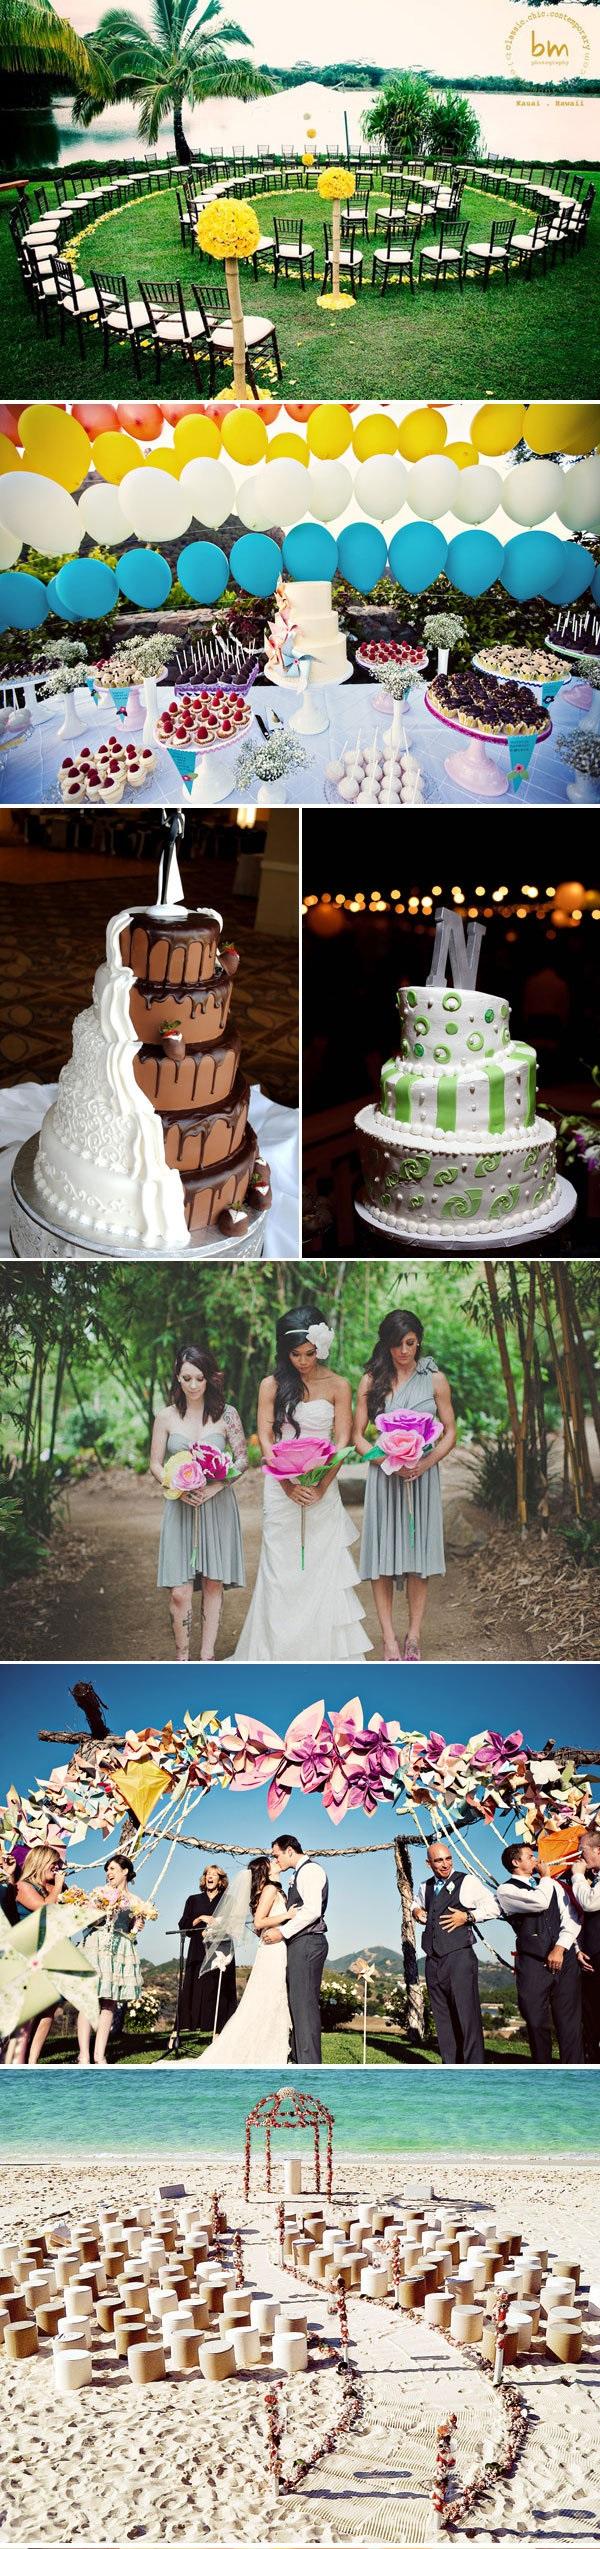 Top 5 phong cách trang trí tiệc cưới ngoài trời hoàn mỹ